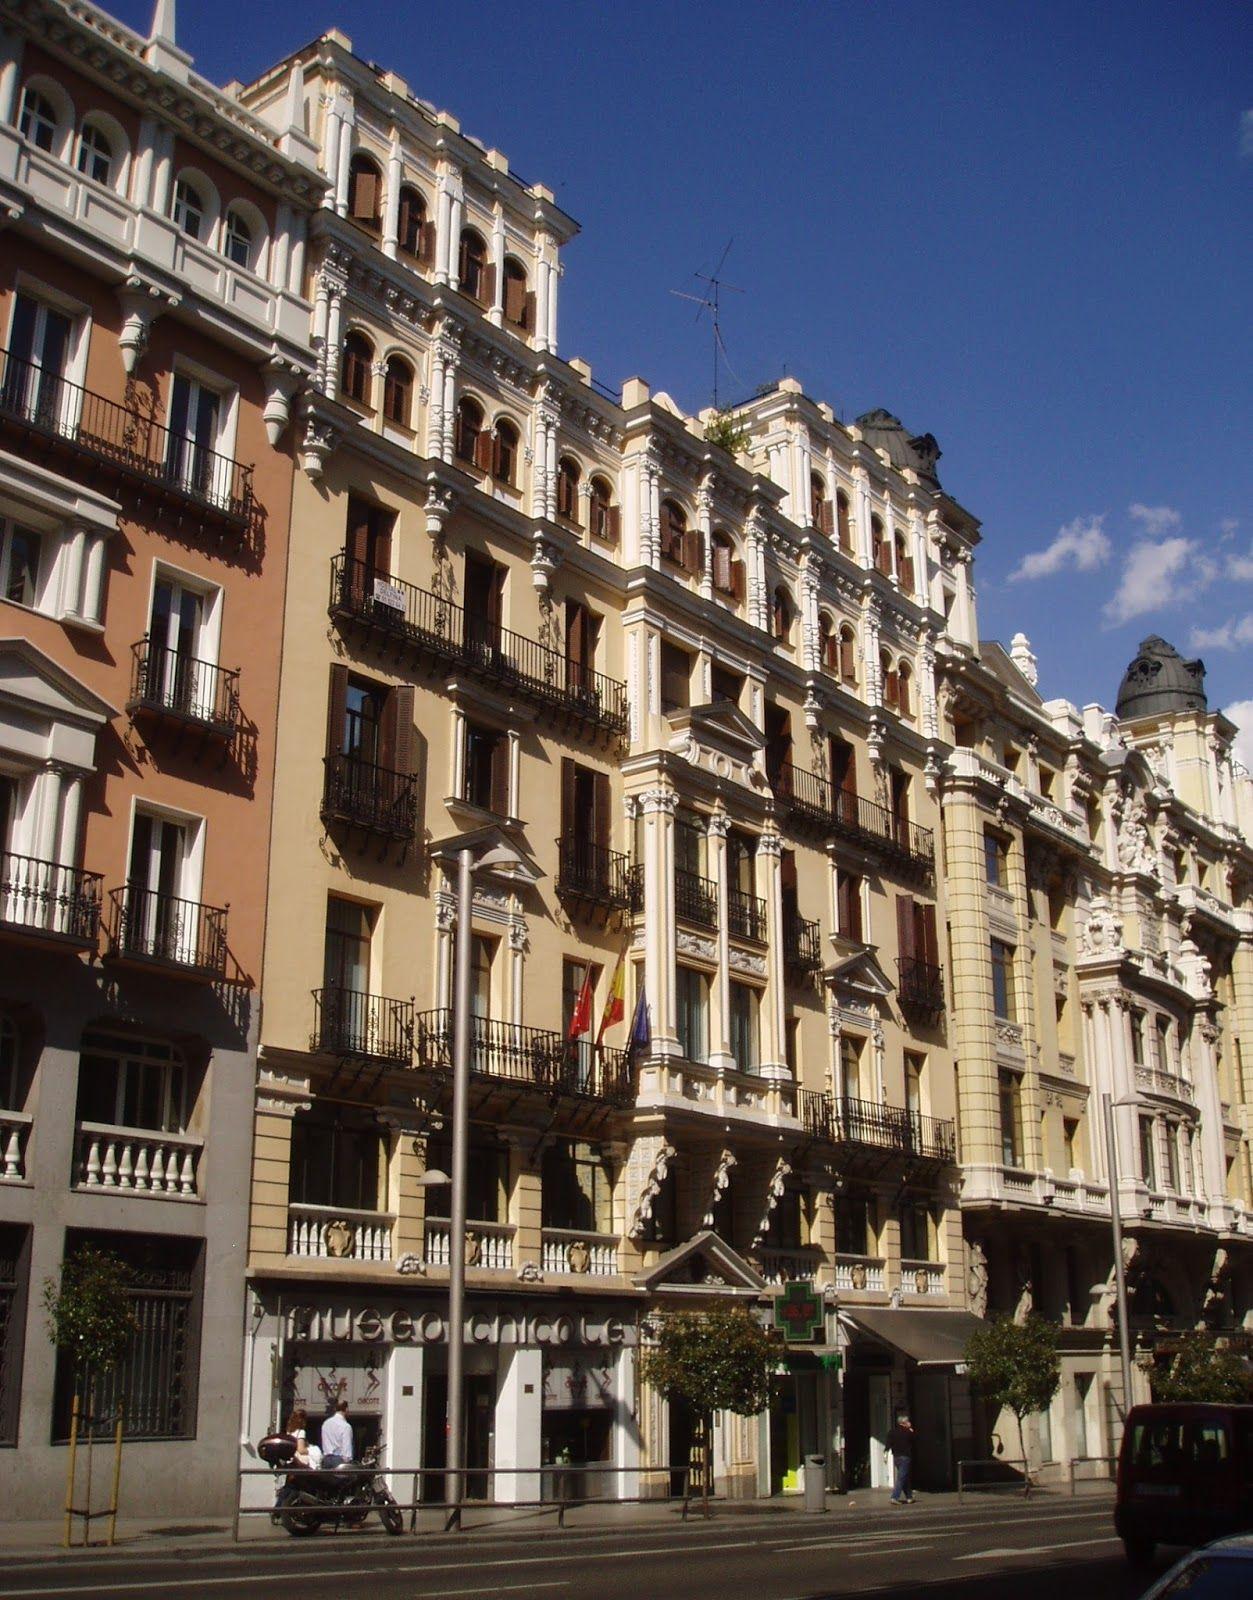 Gran Via 12 Con El Bar Chicote En Sus Bajos Vias Edificios Calles De Madrid